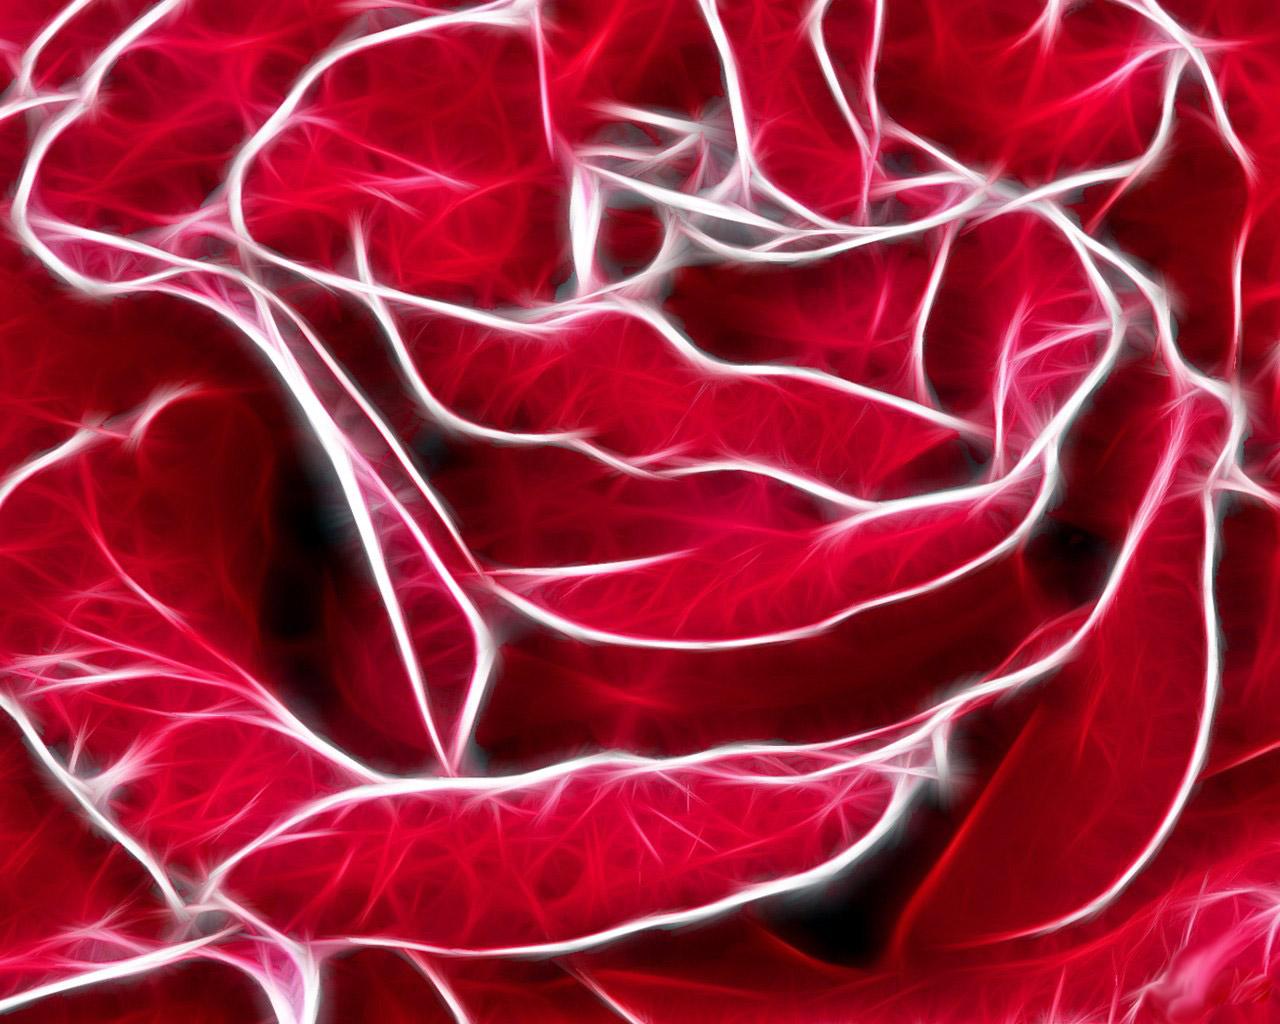 красная роза, фото крупным планом, скачтаь обои для рабочего стола